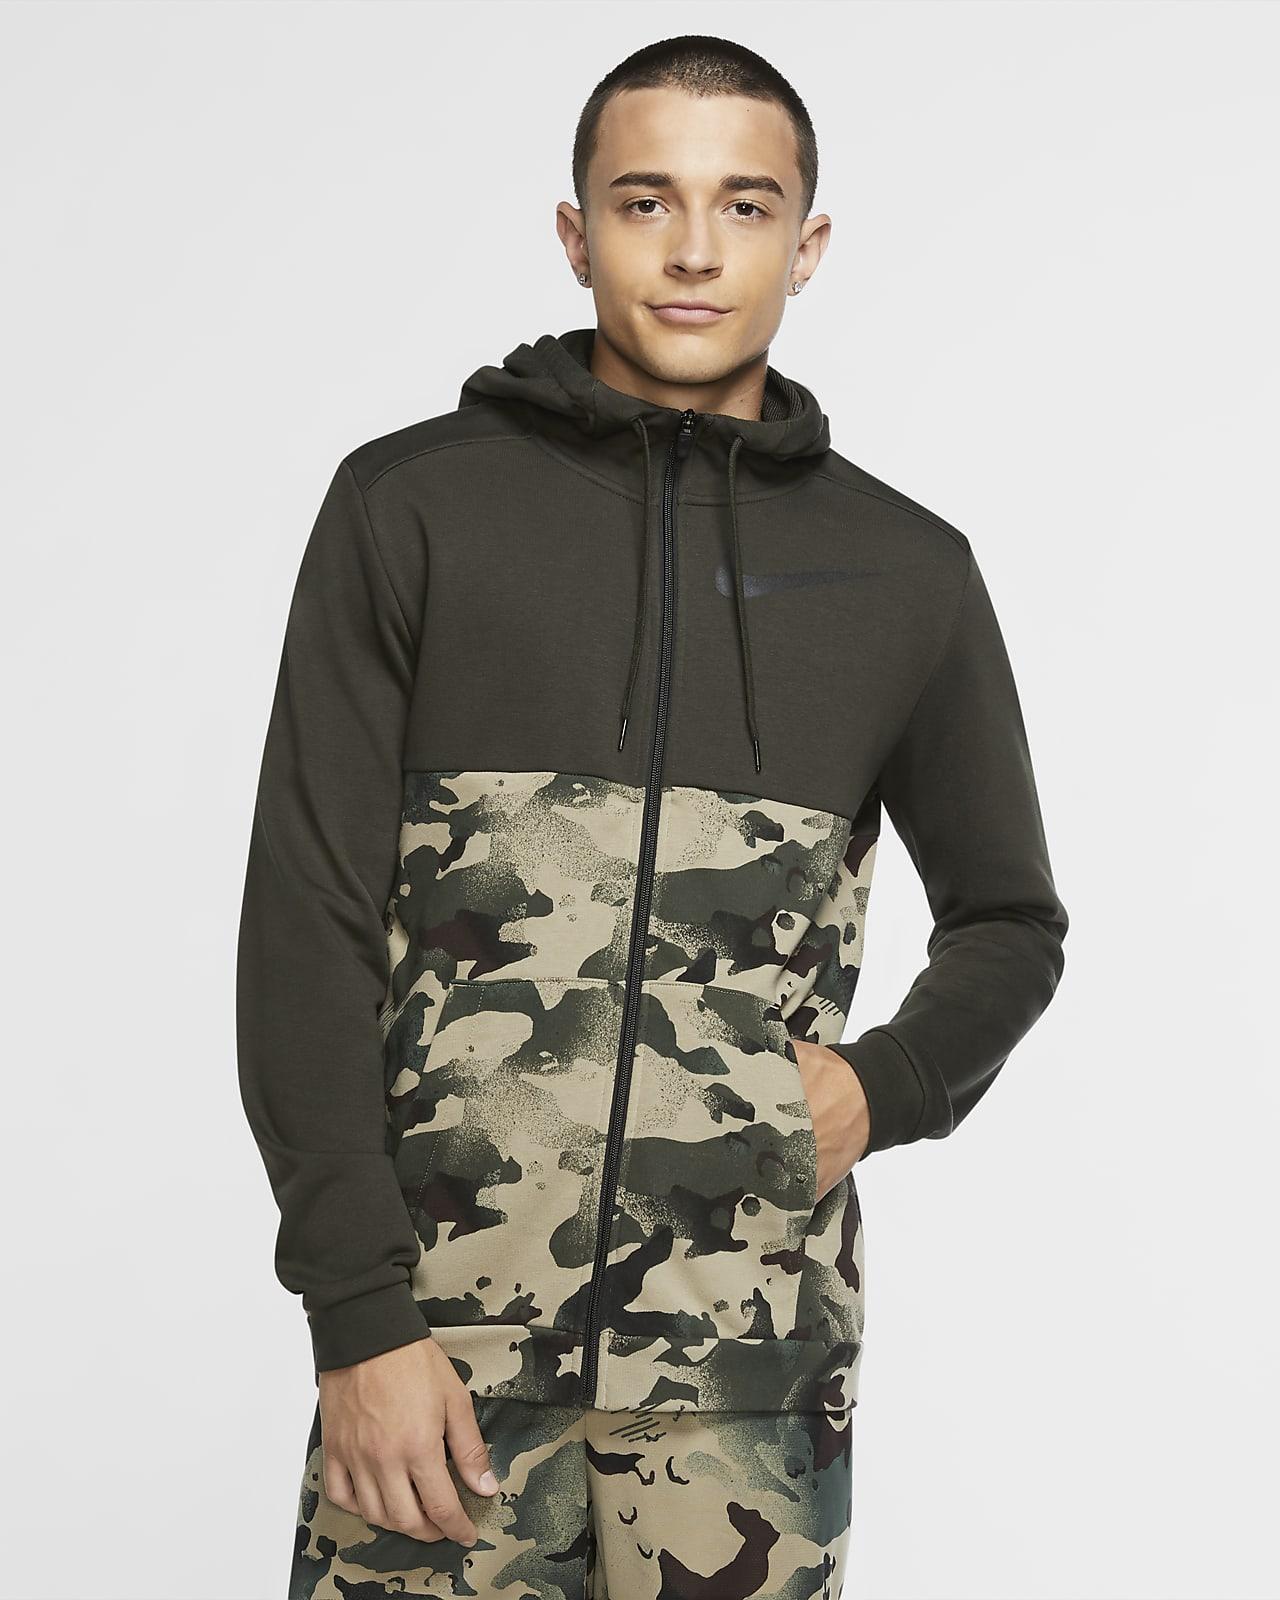 Ανδρική μπλούζα προπόνησης με κουκούλα, φερμουάρ και μοτίβο παραλλαγής Nike Dri-FIT